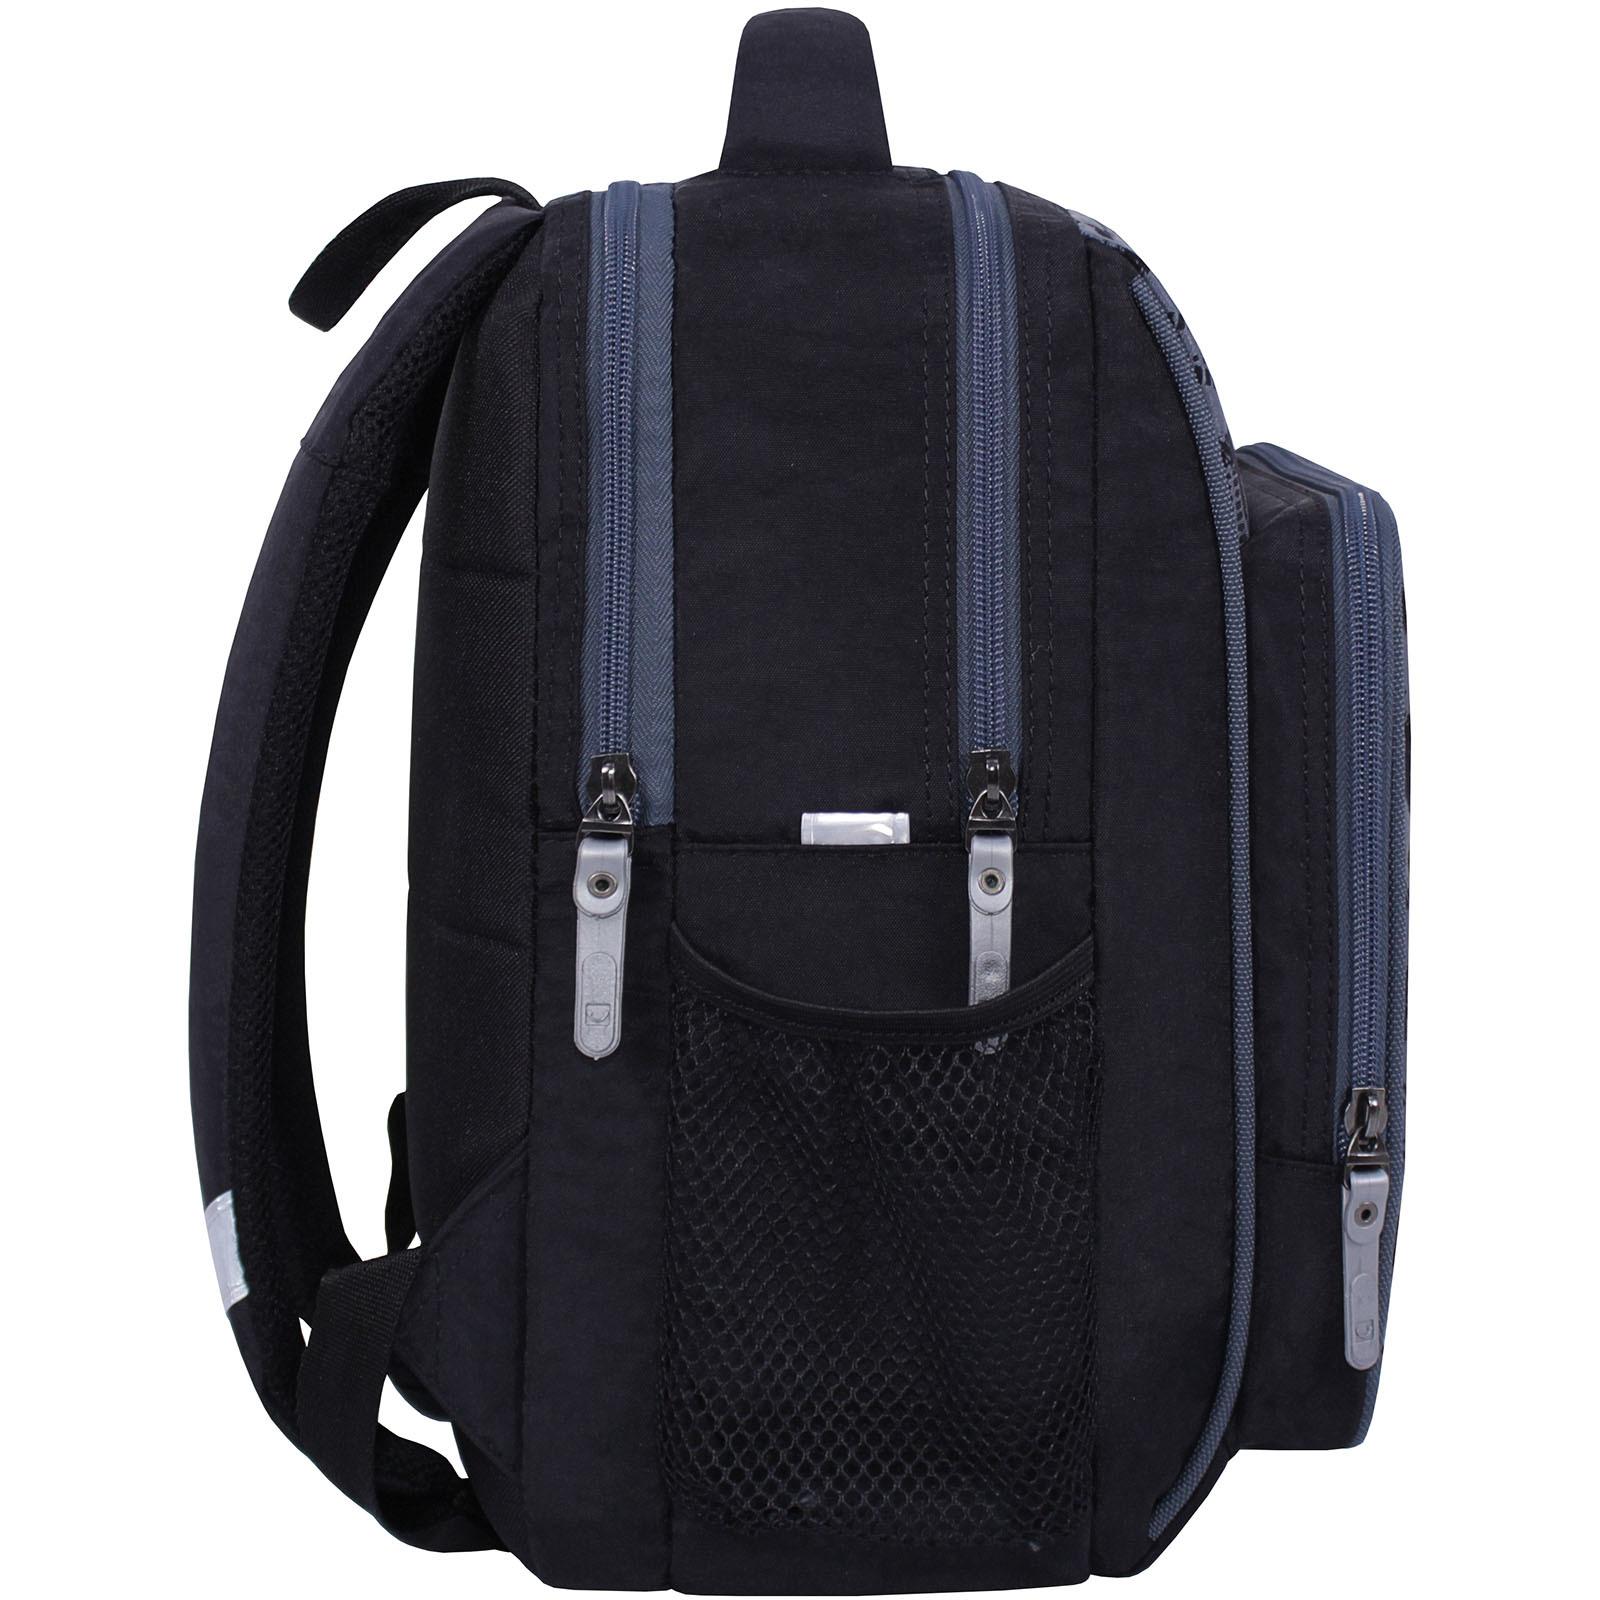 Рюкзак школьный Bagland Школьник 8 л. 321 черный 505 (00112702) фото 2